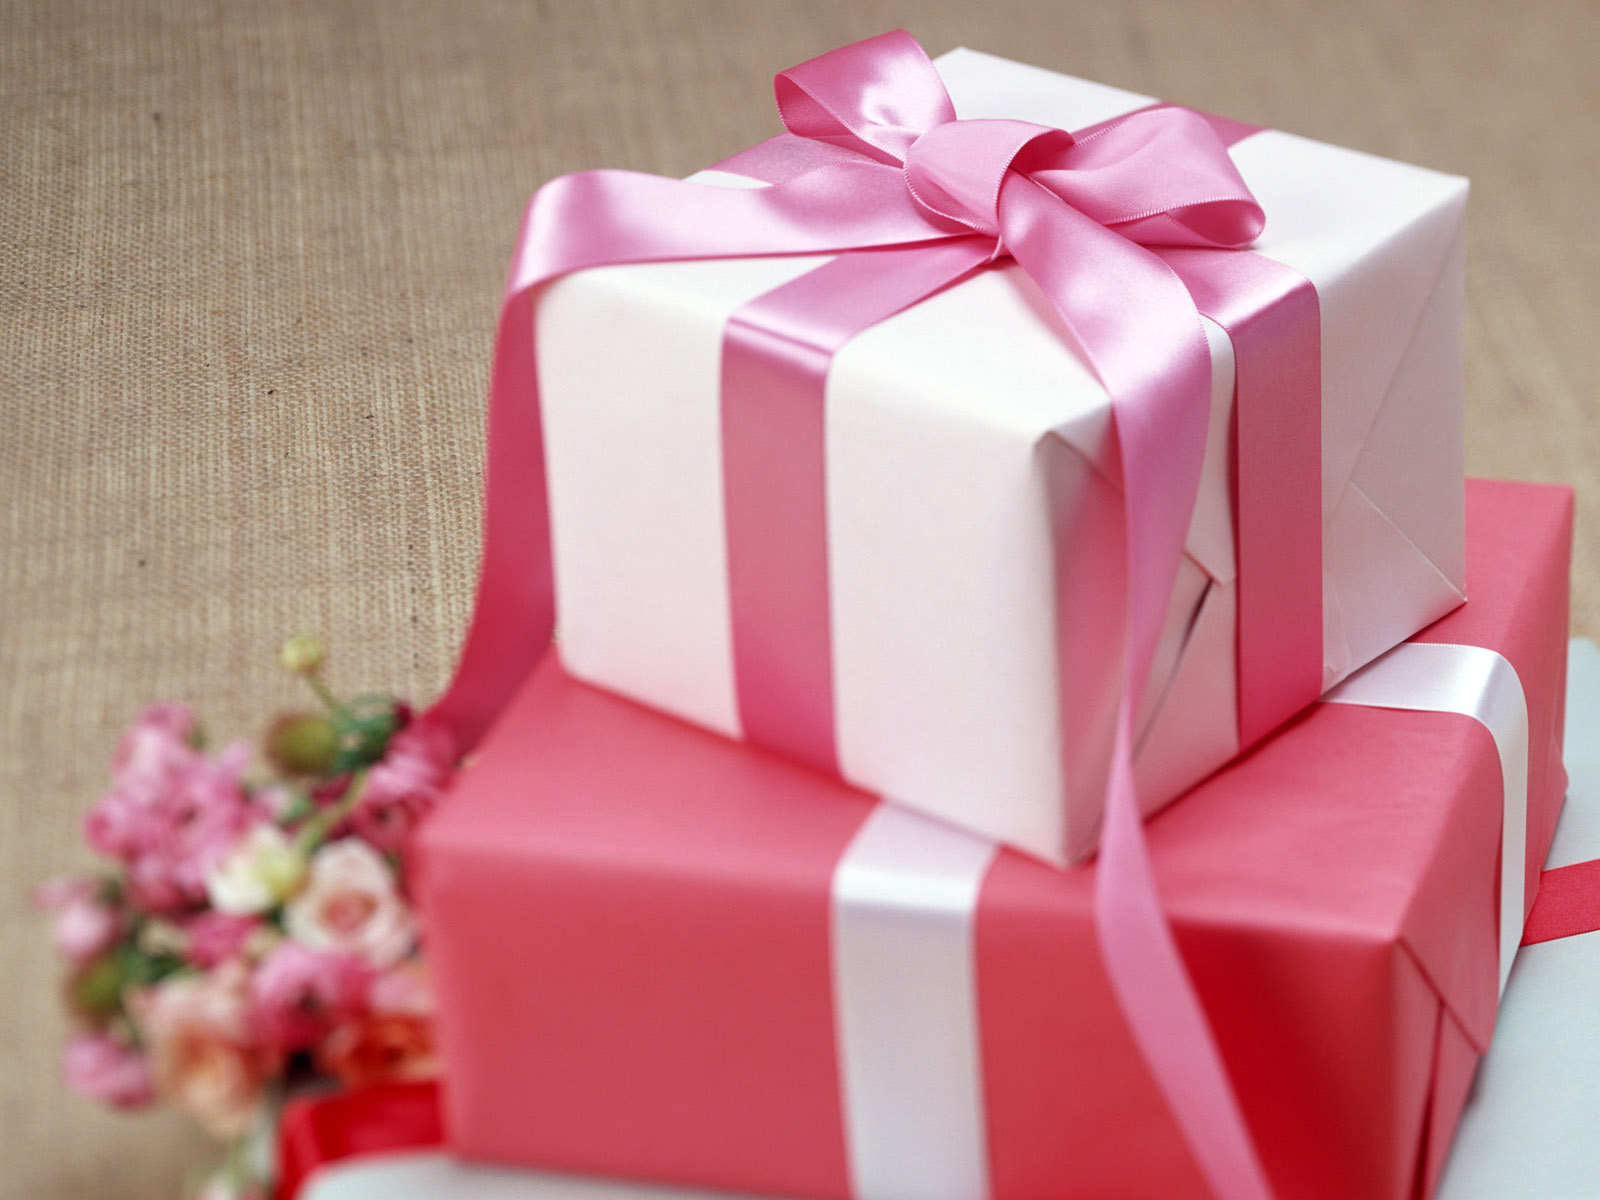 Поздравления ко дню рождения про подарок